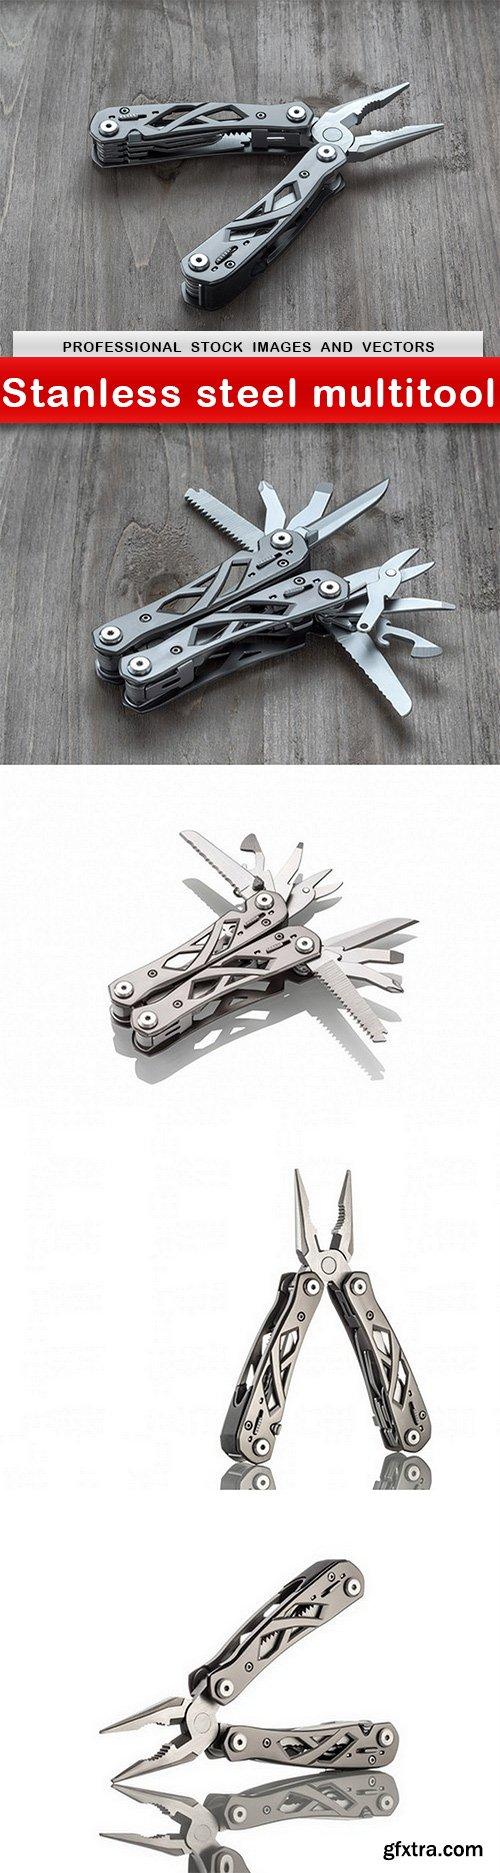 Stanless steel multitool - 5 UHQ JPEG